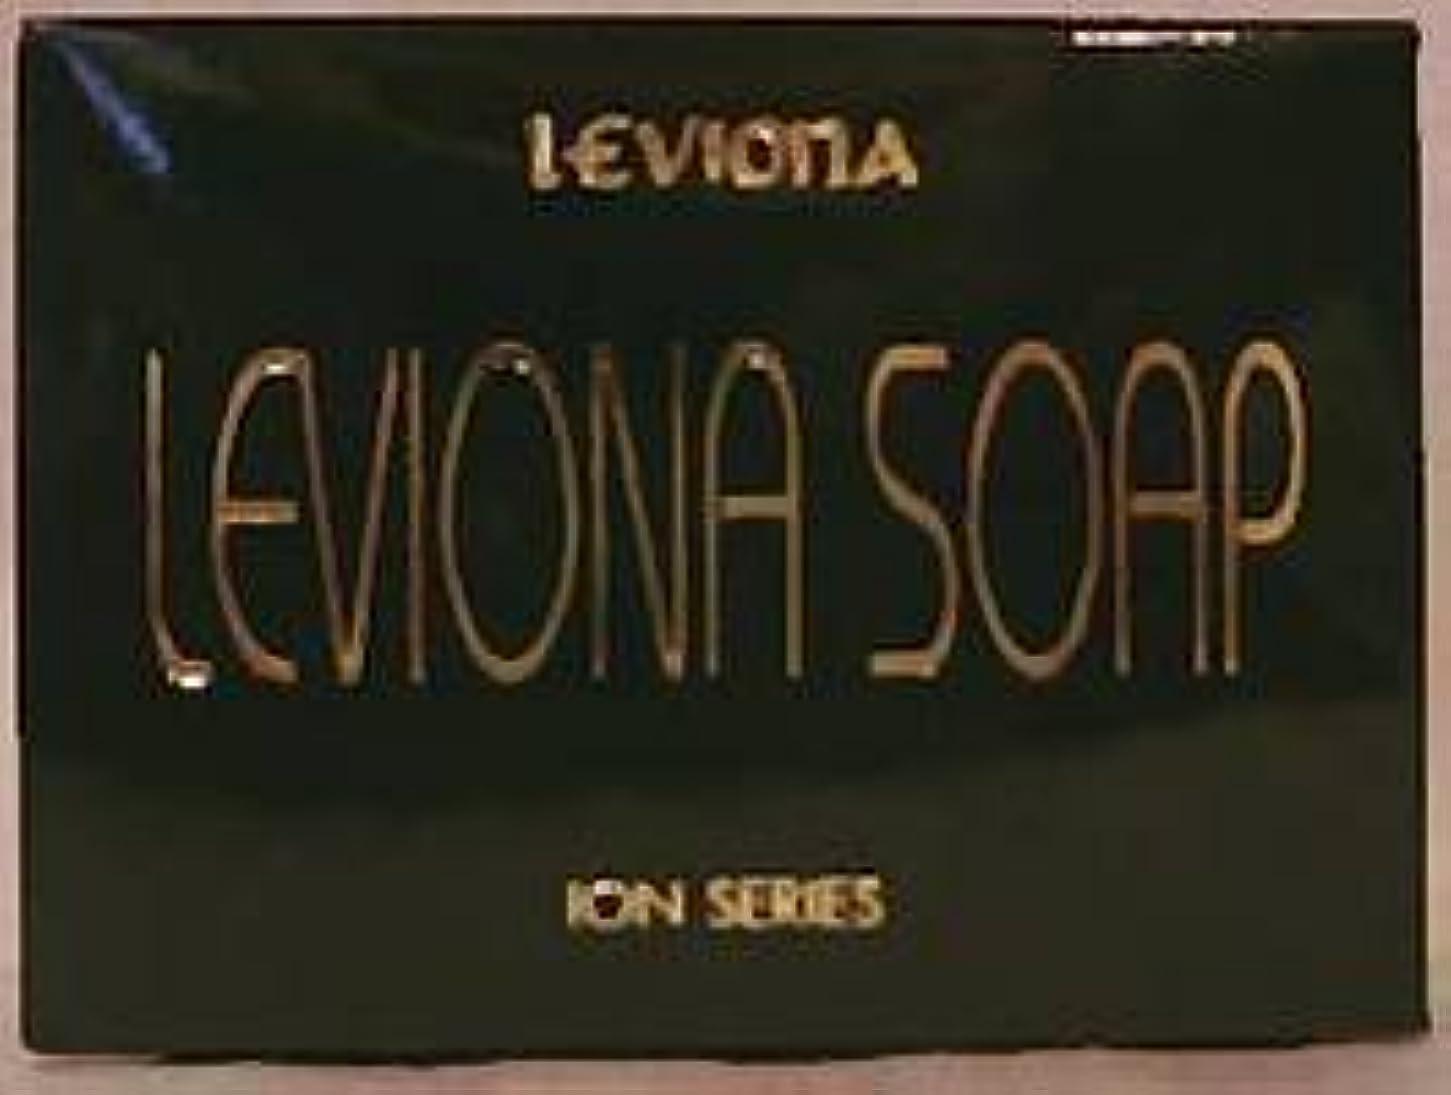 アブストラクト耐久満足できるレビオナ化粧品ソープ(天然イオン配合)